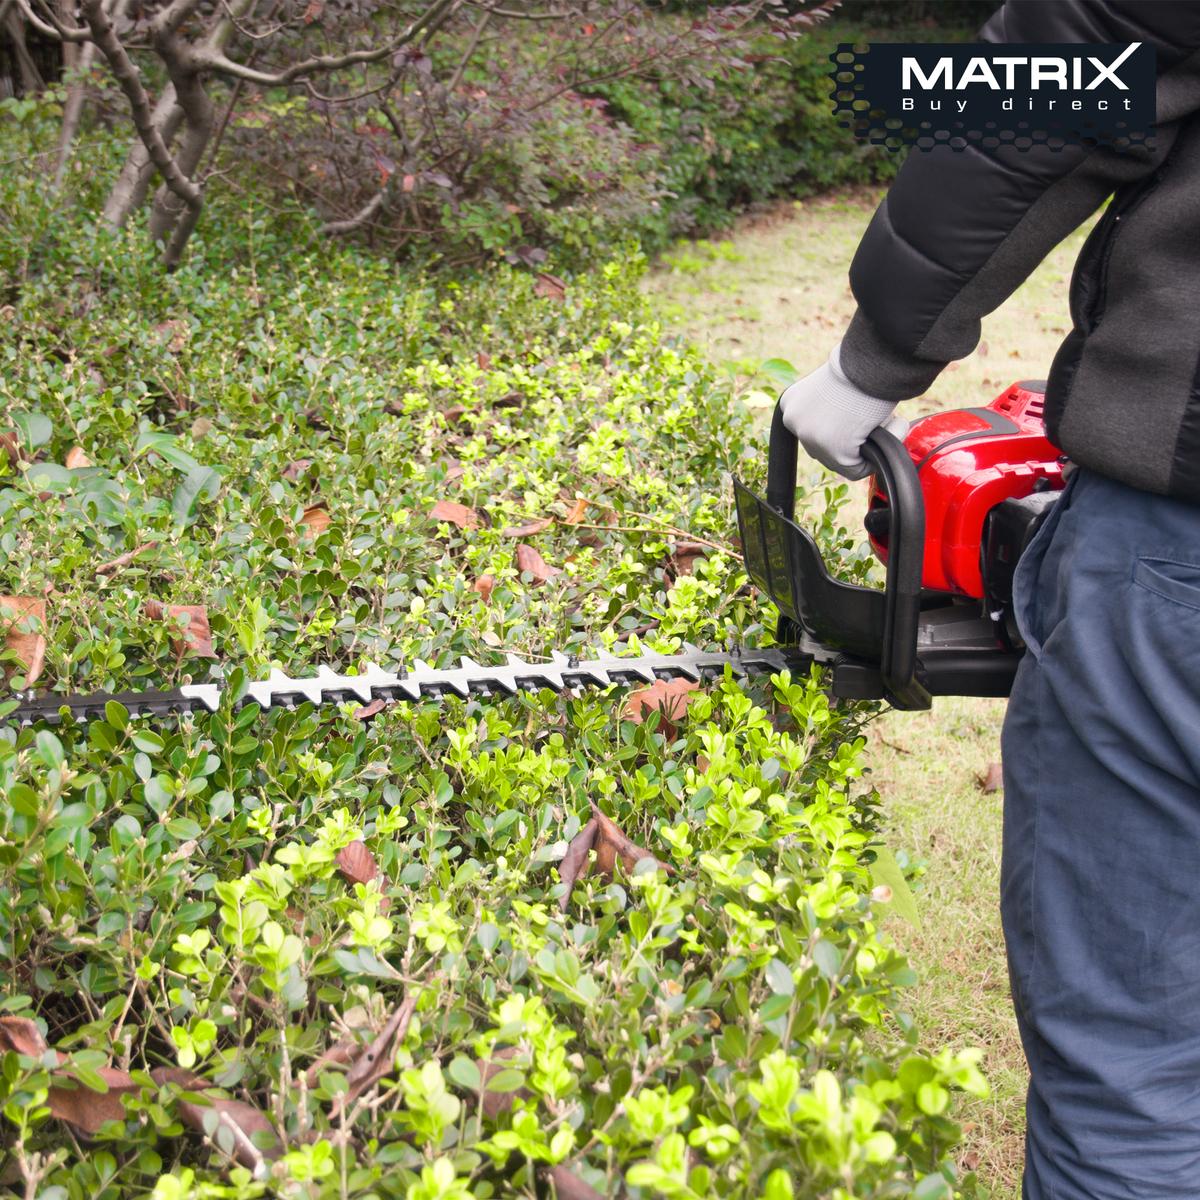 Bild 5 von Matrix Benzin Heckenschere PHT 26-750 26cc